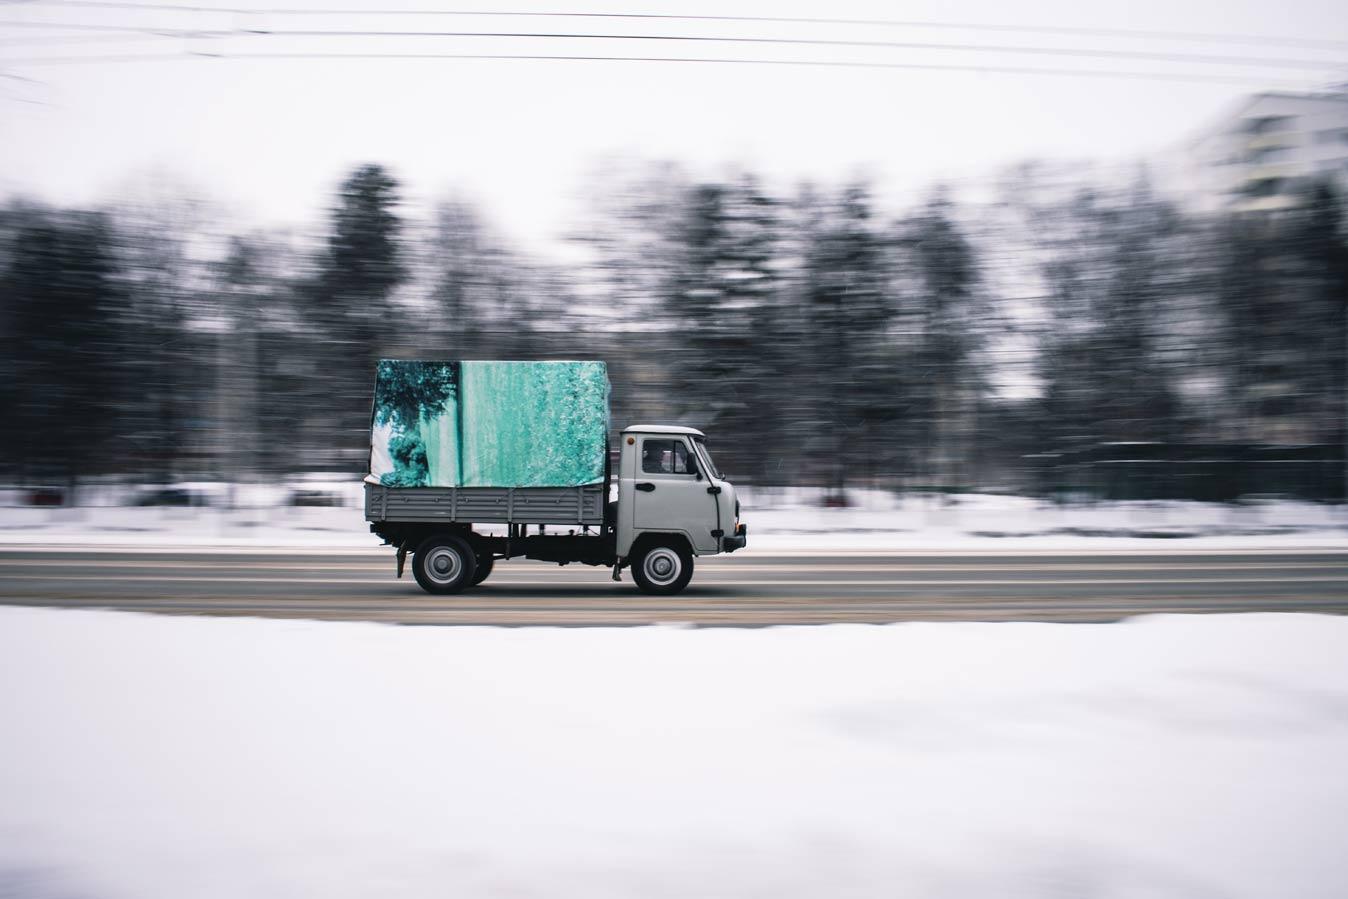 К 2040 году новые грузовики в Европе перестанут загрязнять воздух